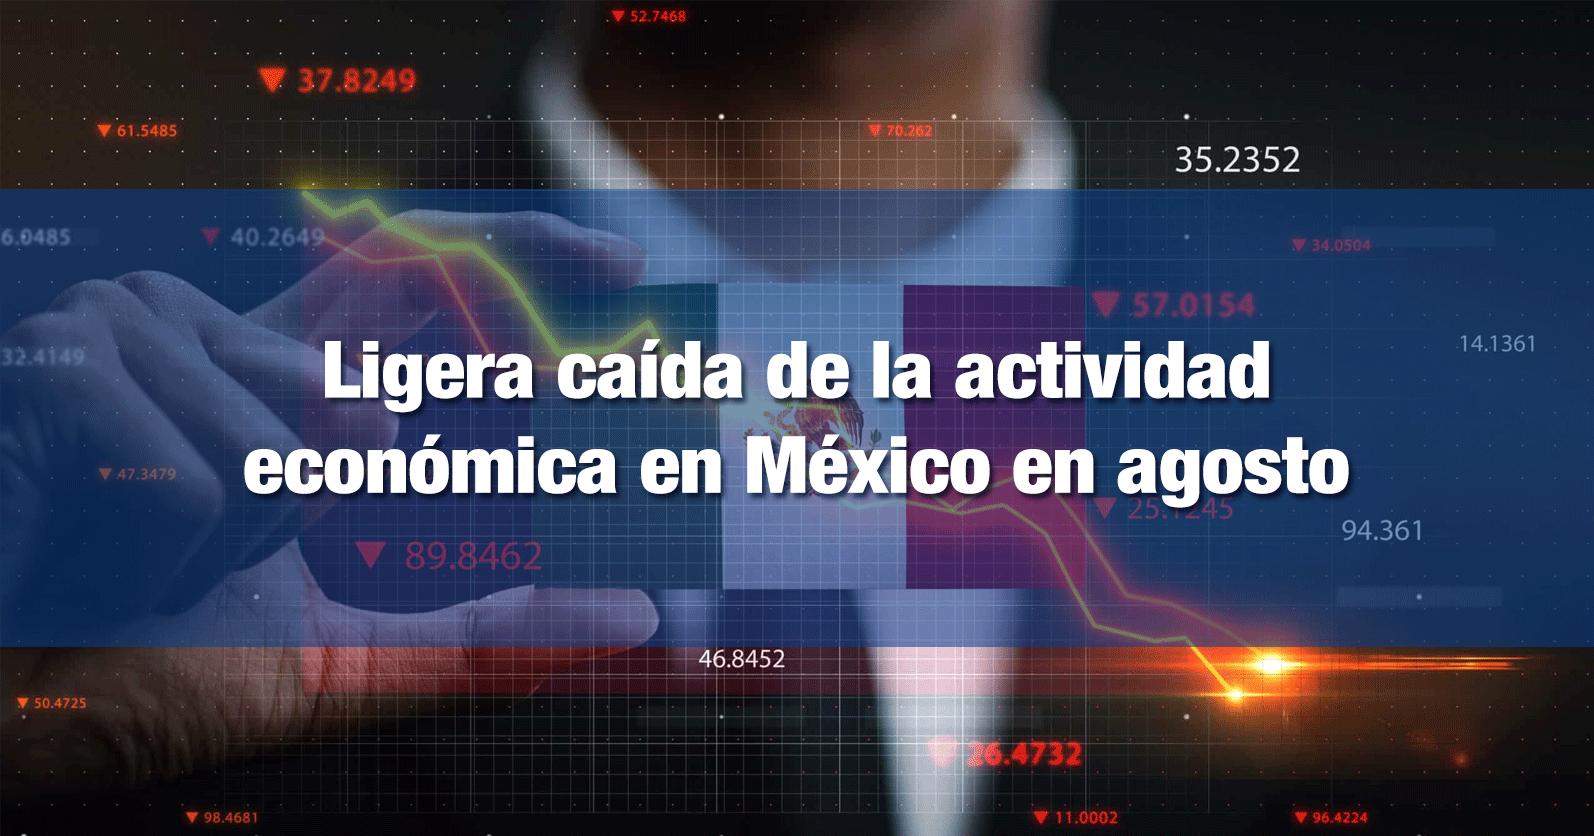 Ligera caída de la actividad económica en México en agosto